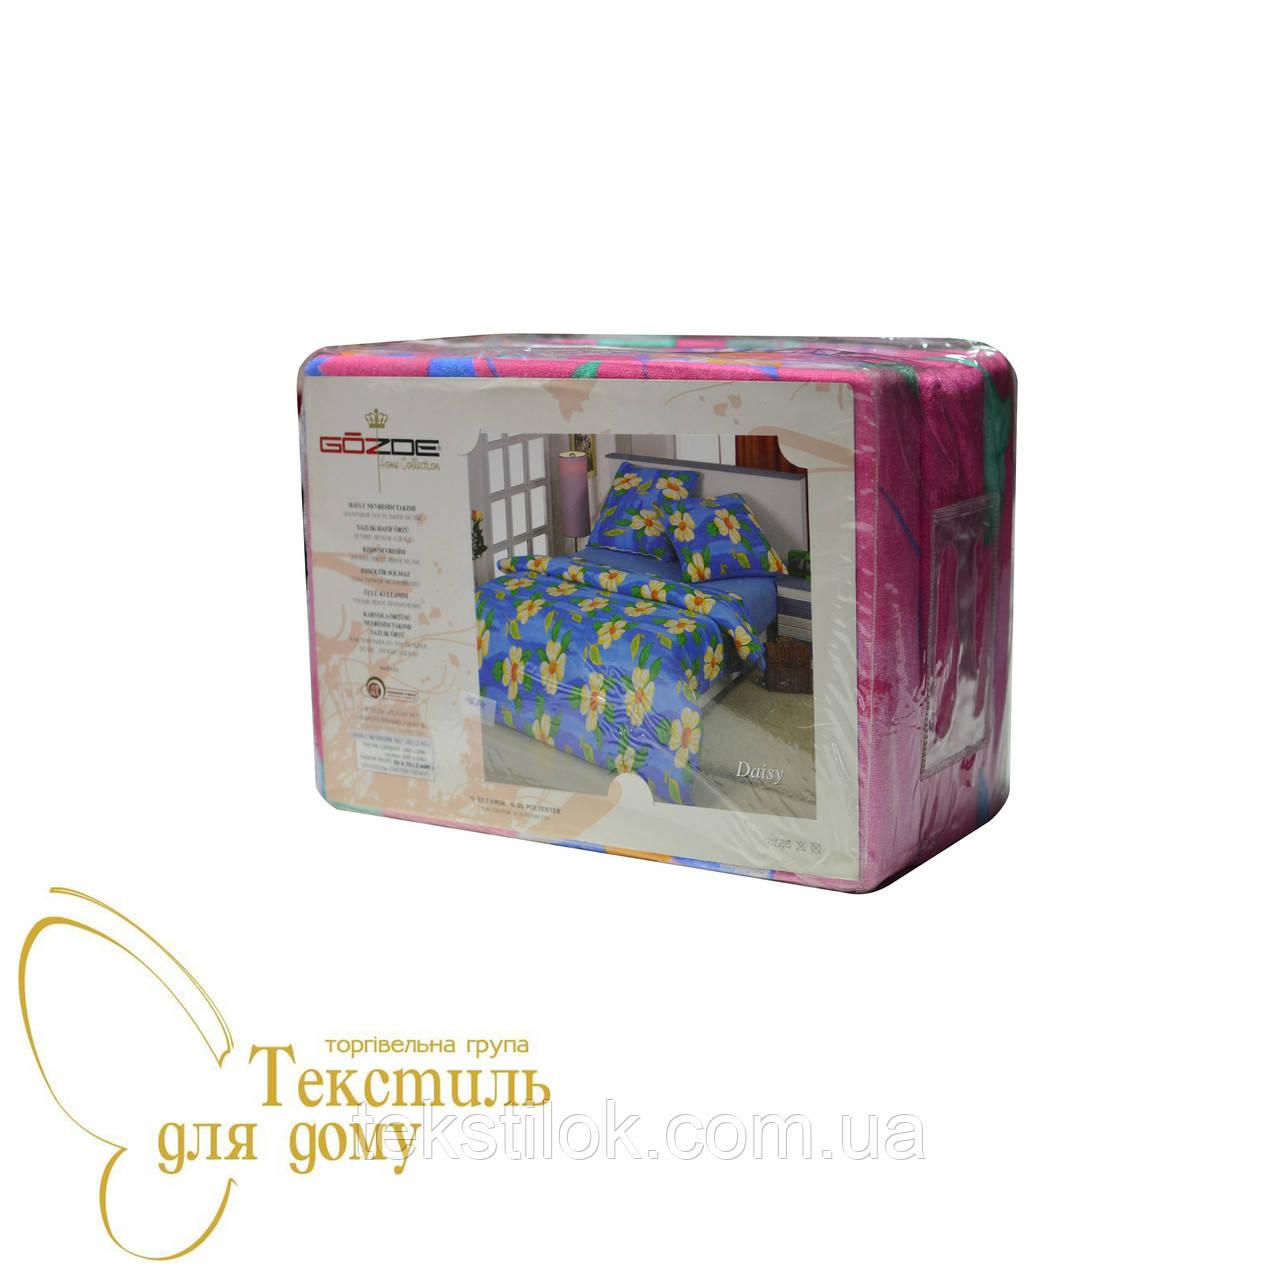 Комплект постельного белья махровый GOZDE Daisy